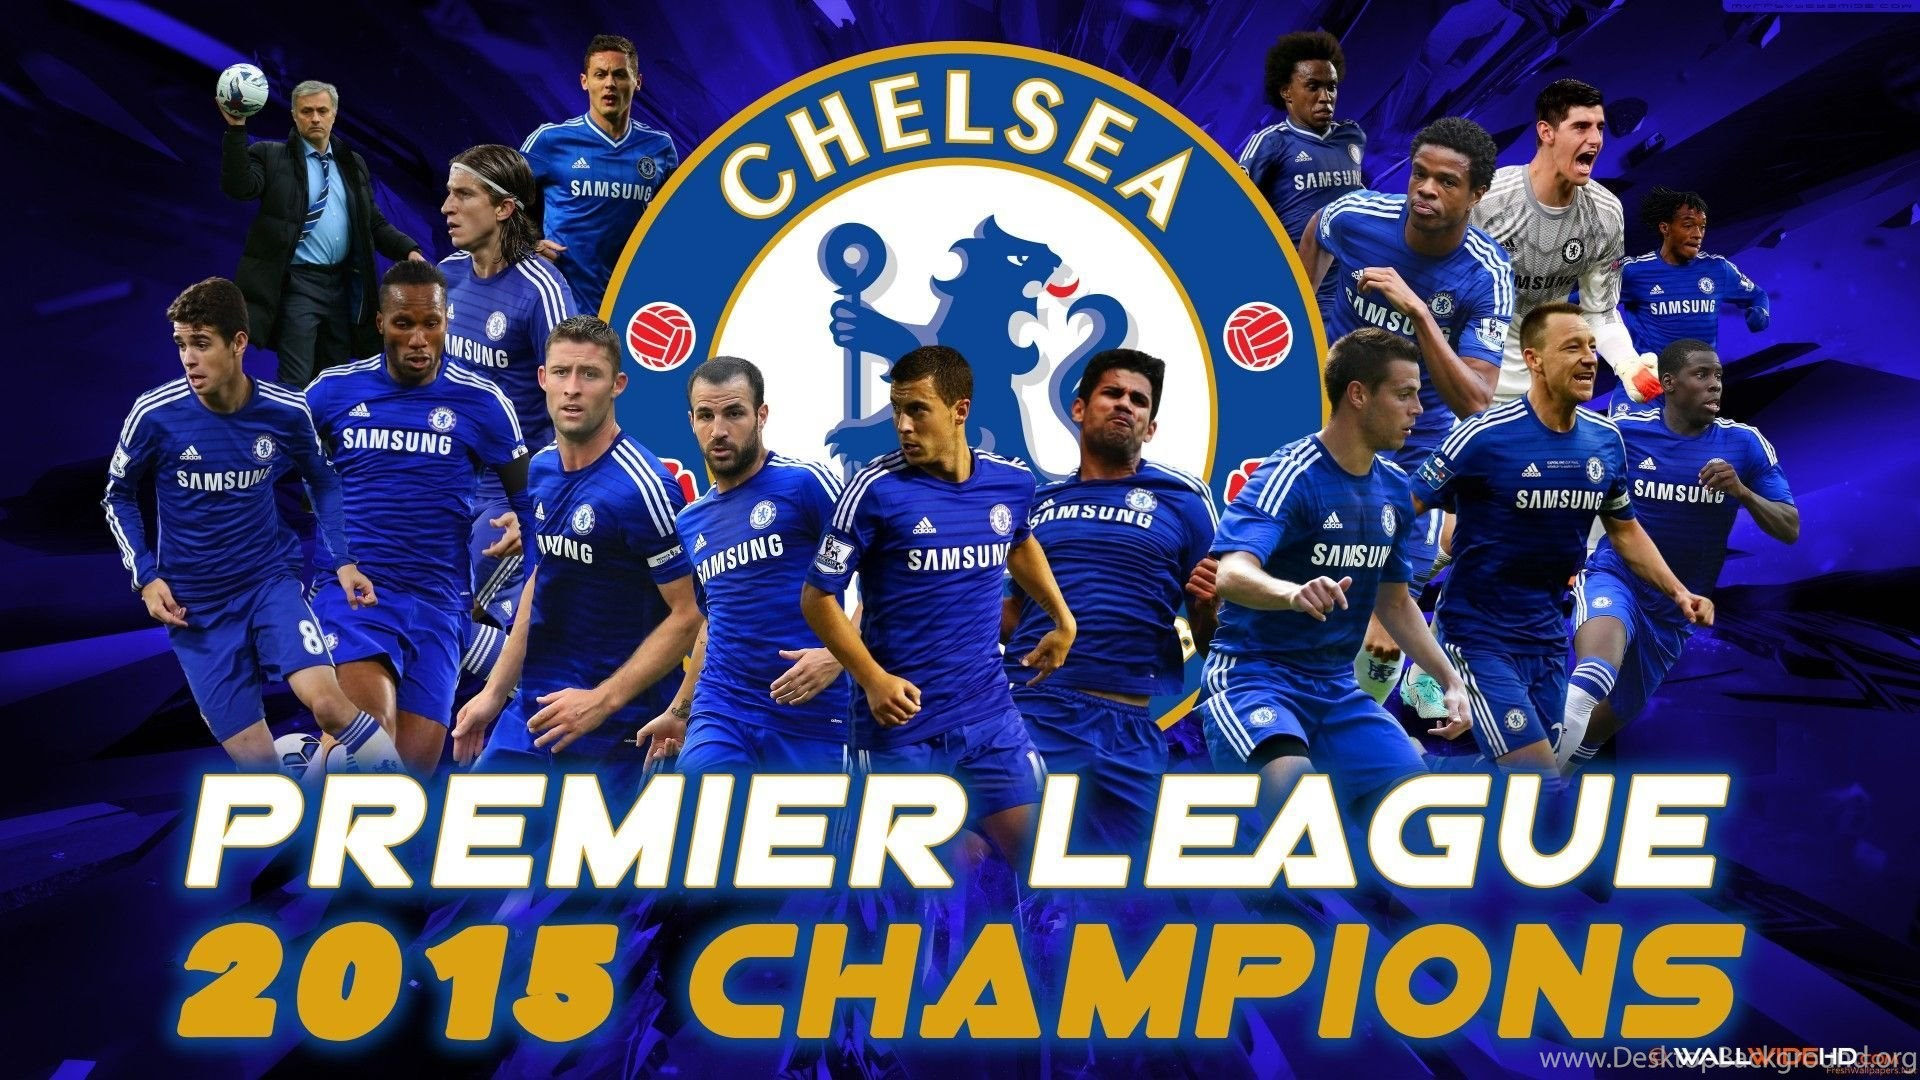 Chelsea FC 2014 2015 Barclays Premier League Champions Wallpapers